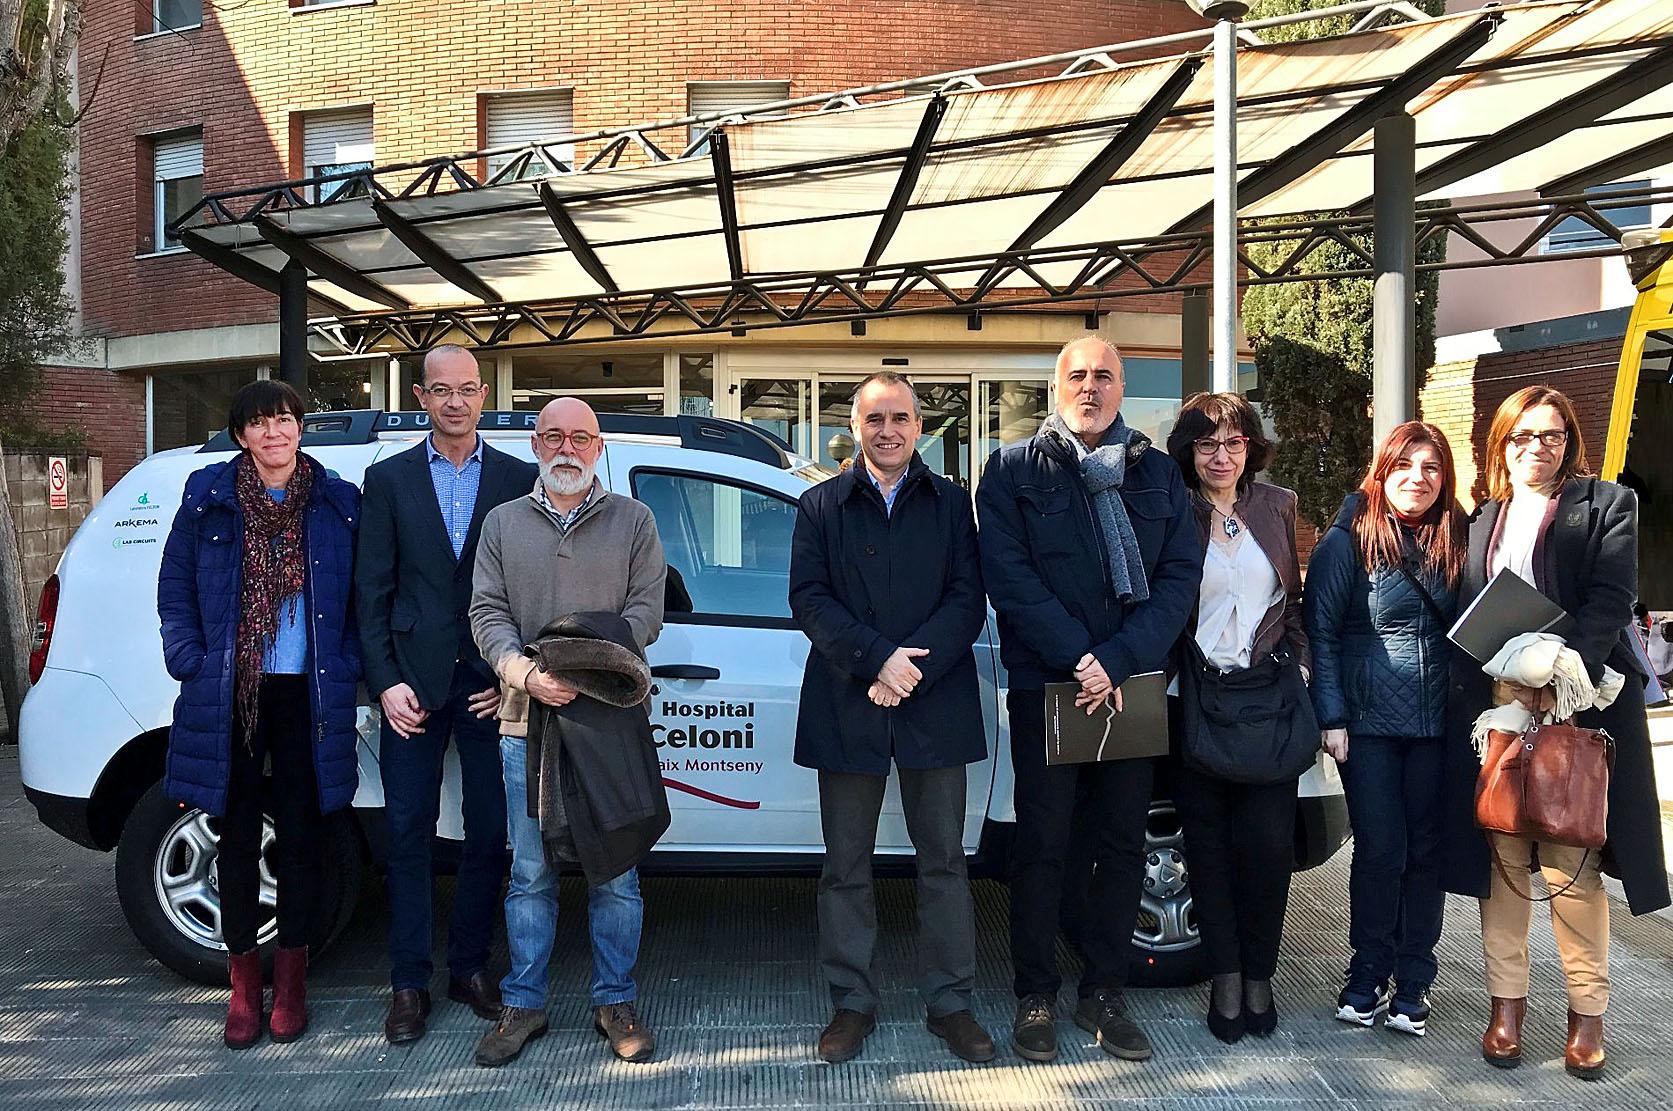 Representants de les empreses, de l'Ajuntament i del patronat del centre sanitari, amb el vehicle donat